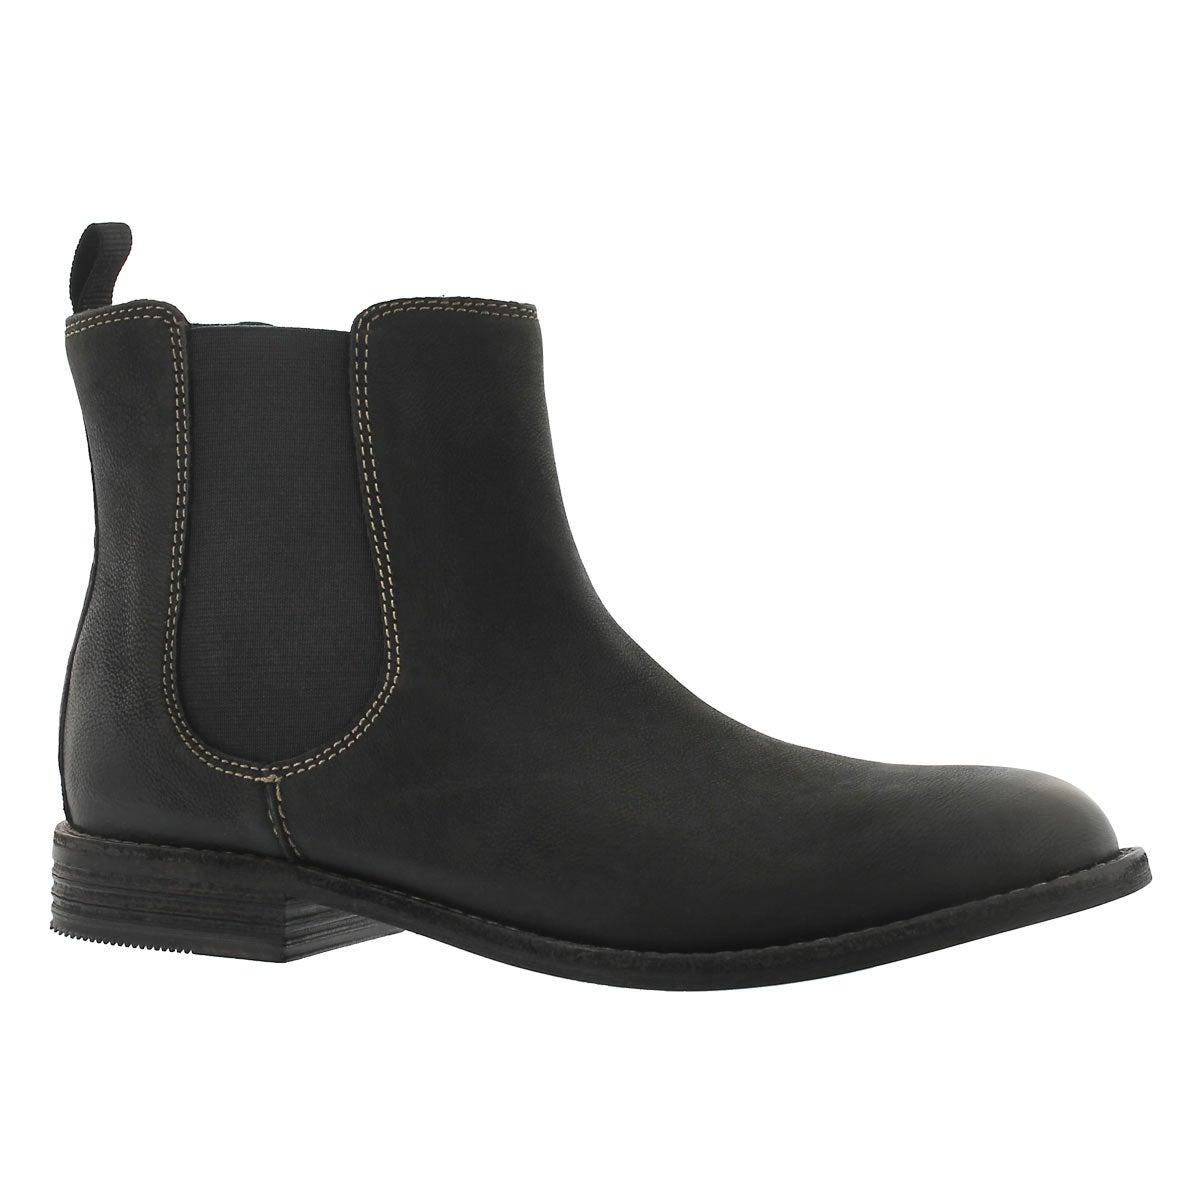 Women's Maypearl Nala Black Chelsea Boots by Clarks